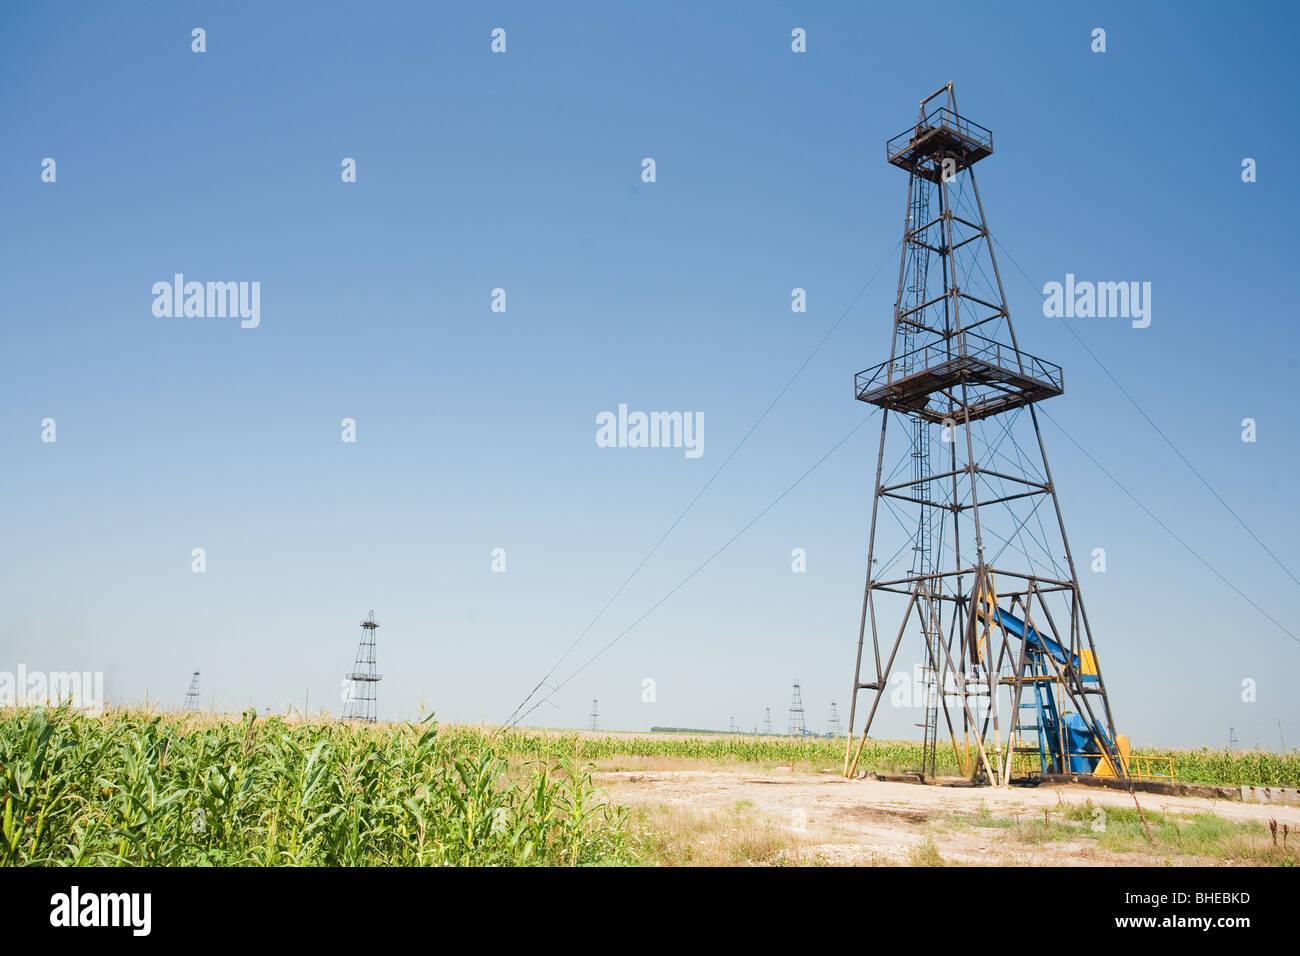 Champ de puits de pétrole dans un milieu d'un champ de maïs. L'agriculture et l'industrie. Photo Stock